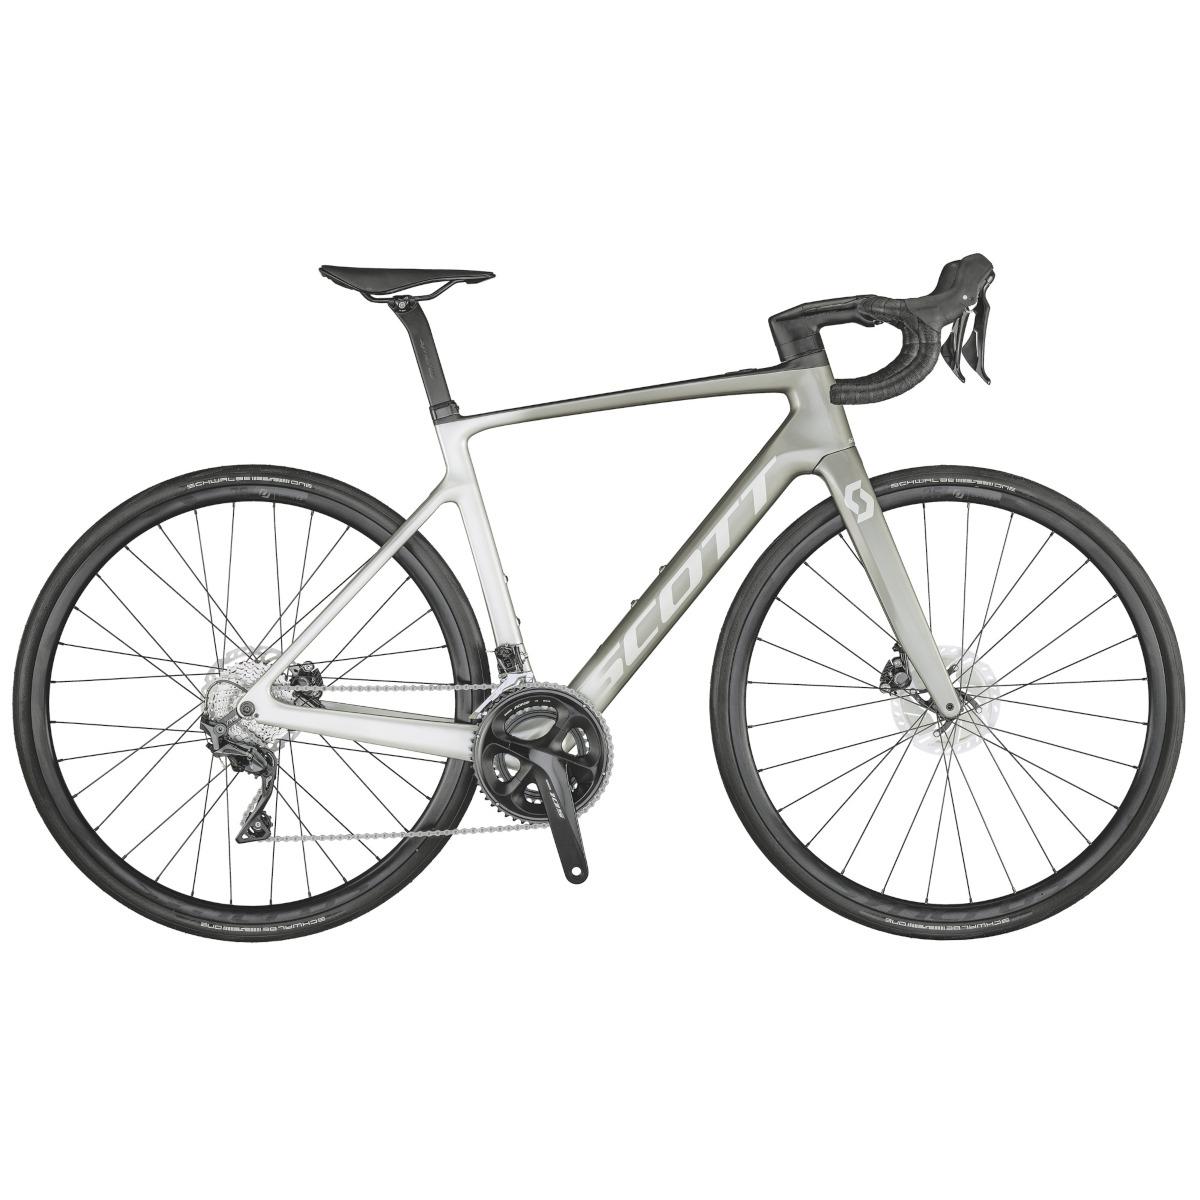 Produktbild von SCOTT ADDICT eRIDE 20 - Carbon Rennrad E-Bike - 2021 - vogue silver fade